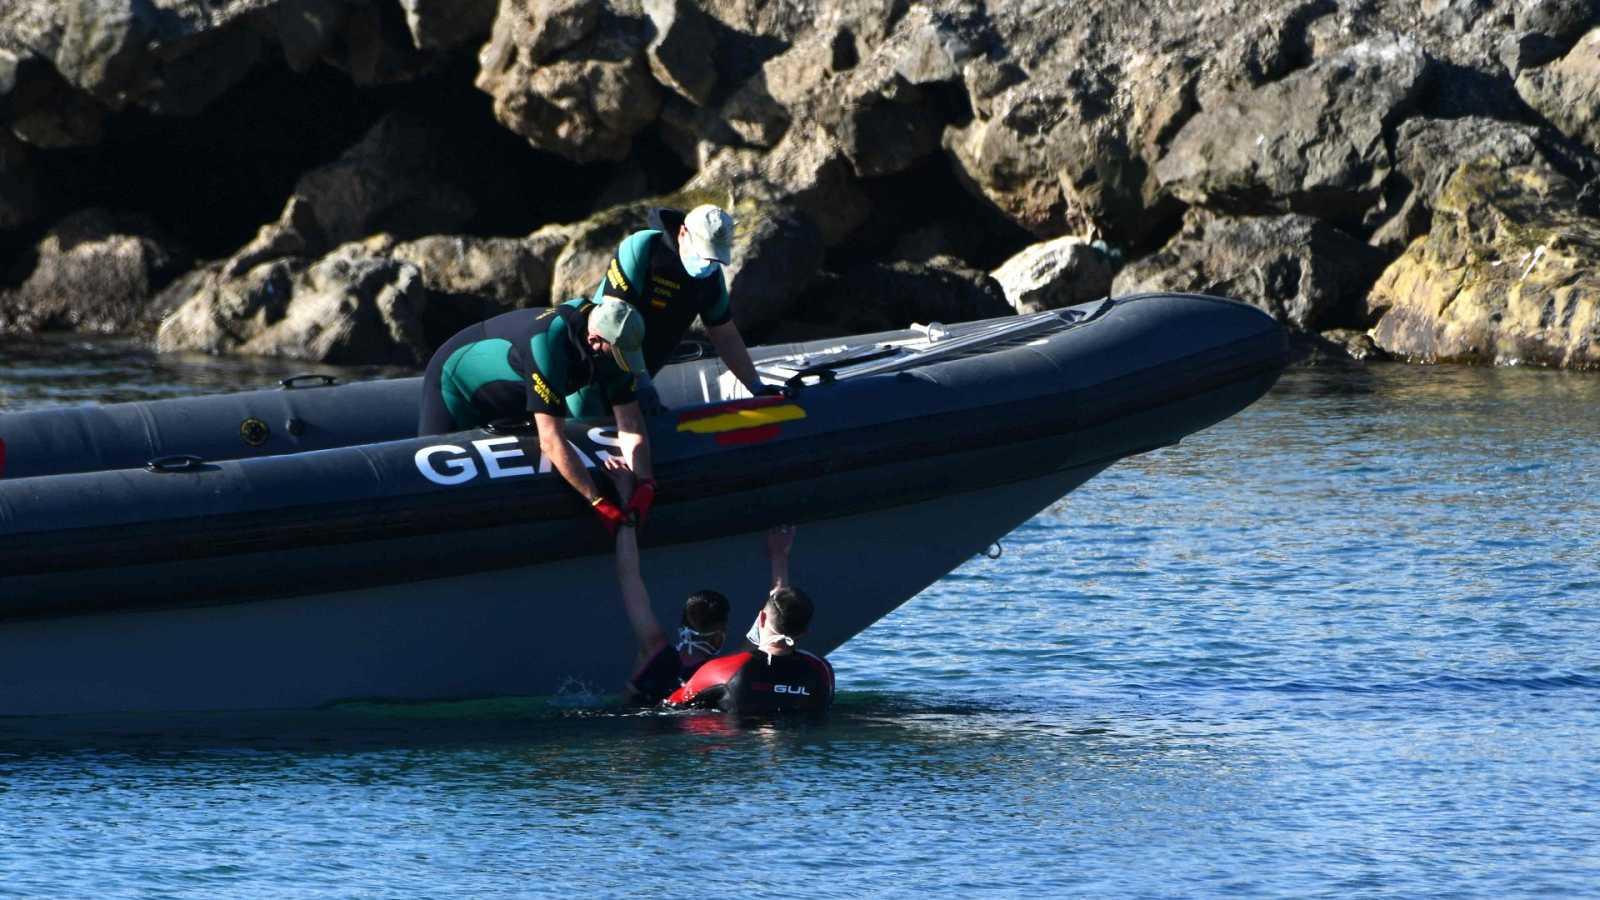 Más de un centenar de inmigrantes marroquíes entran en Ceuta a nado bordeando el espigón fronterizo